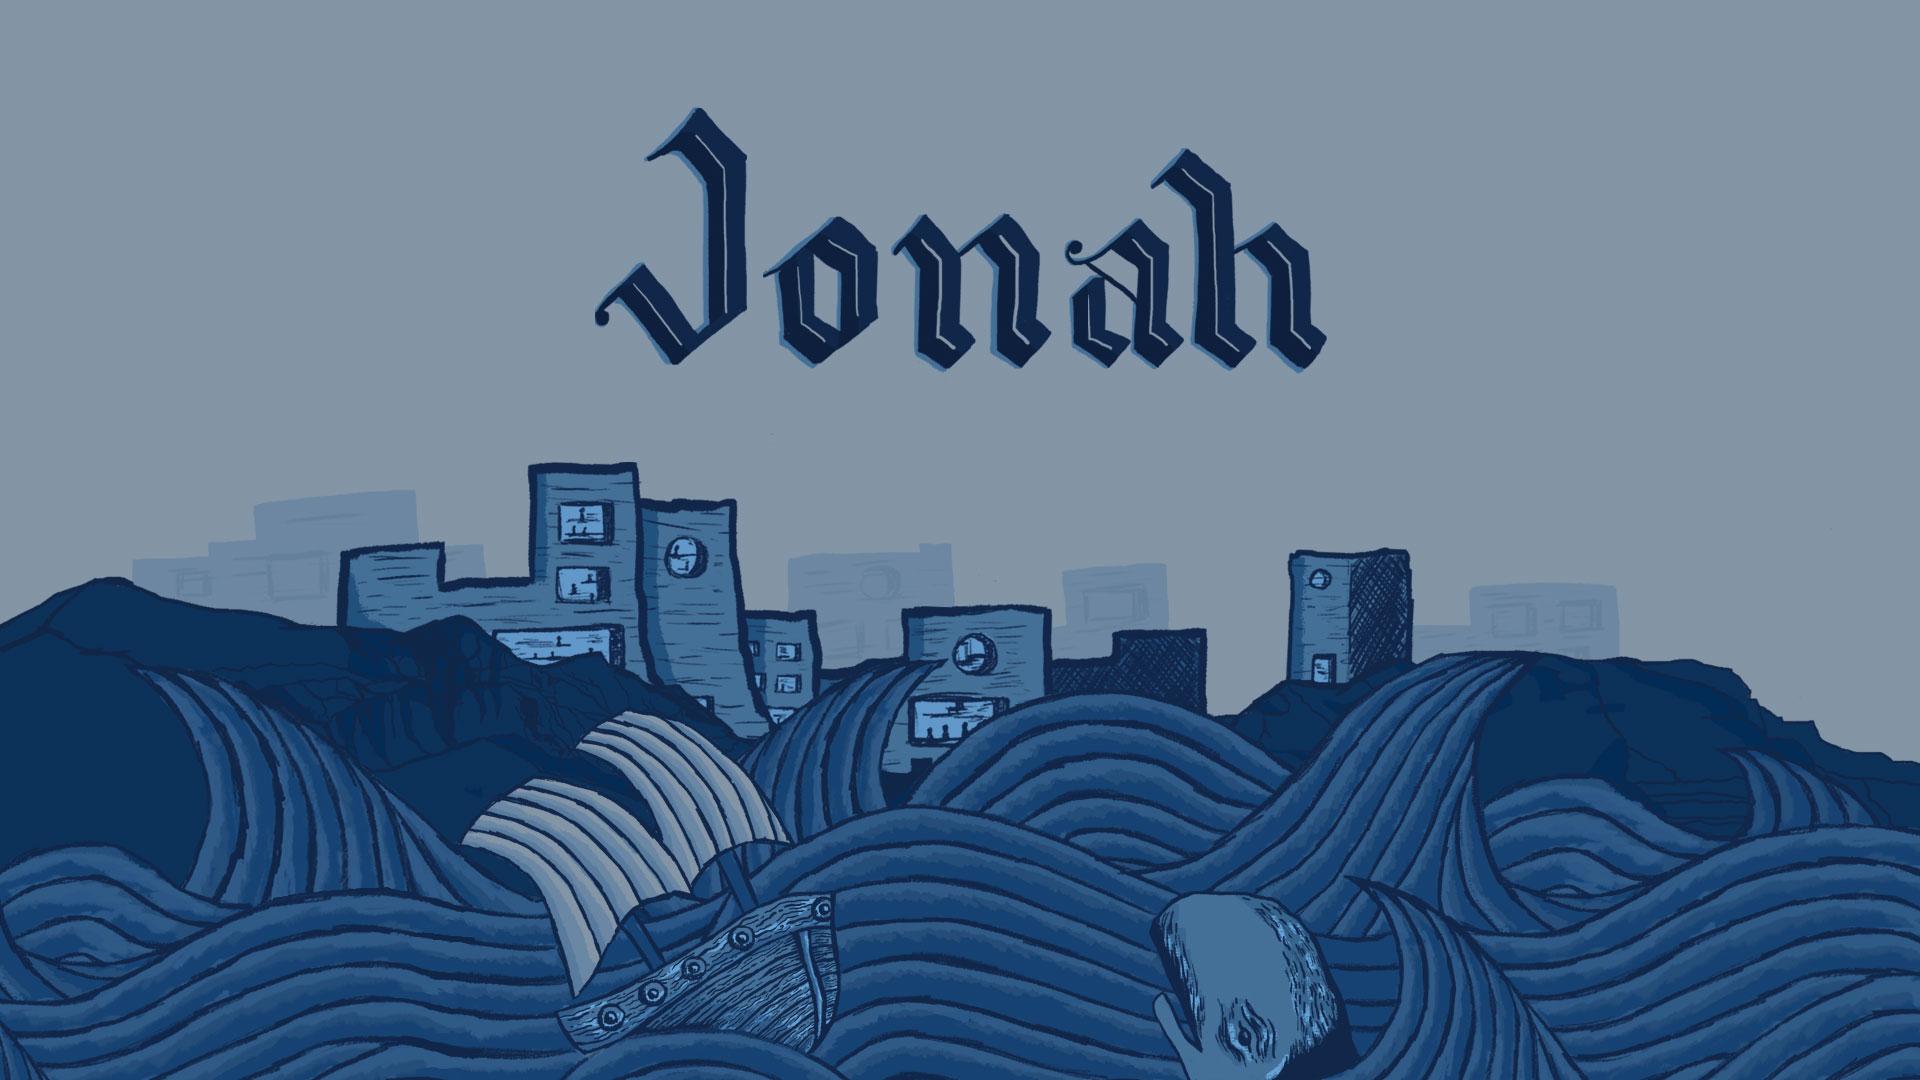 jonah-title-only-v2.jpg